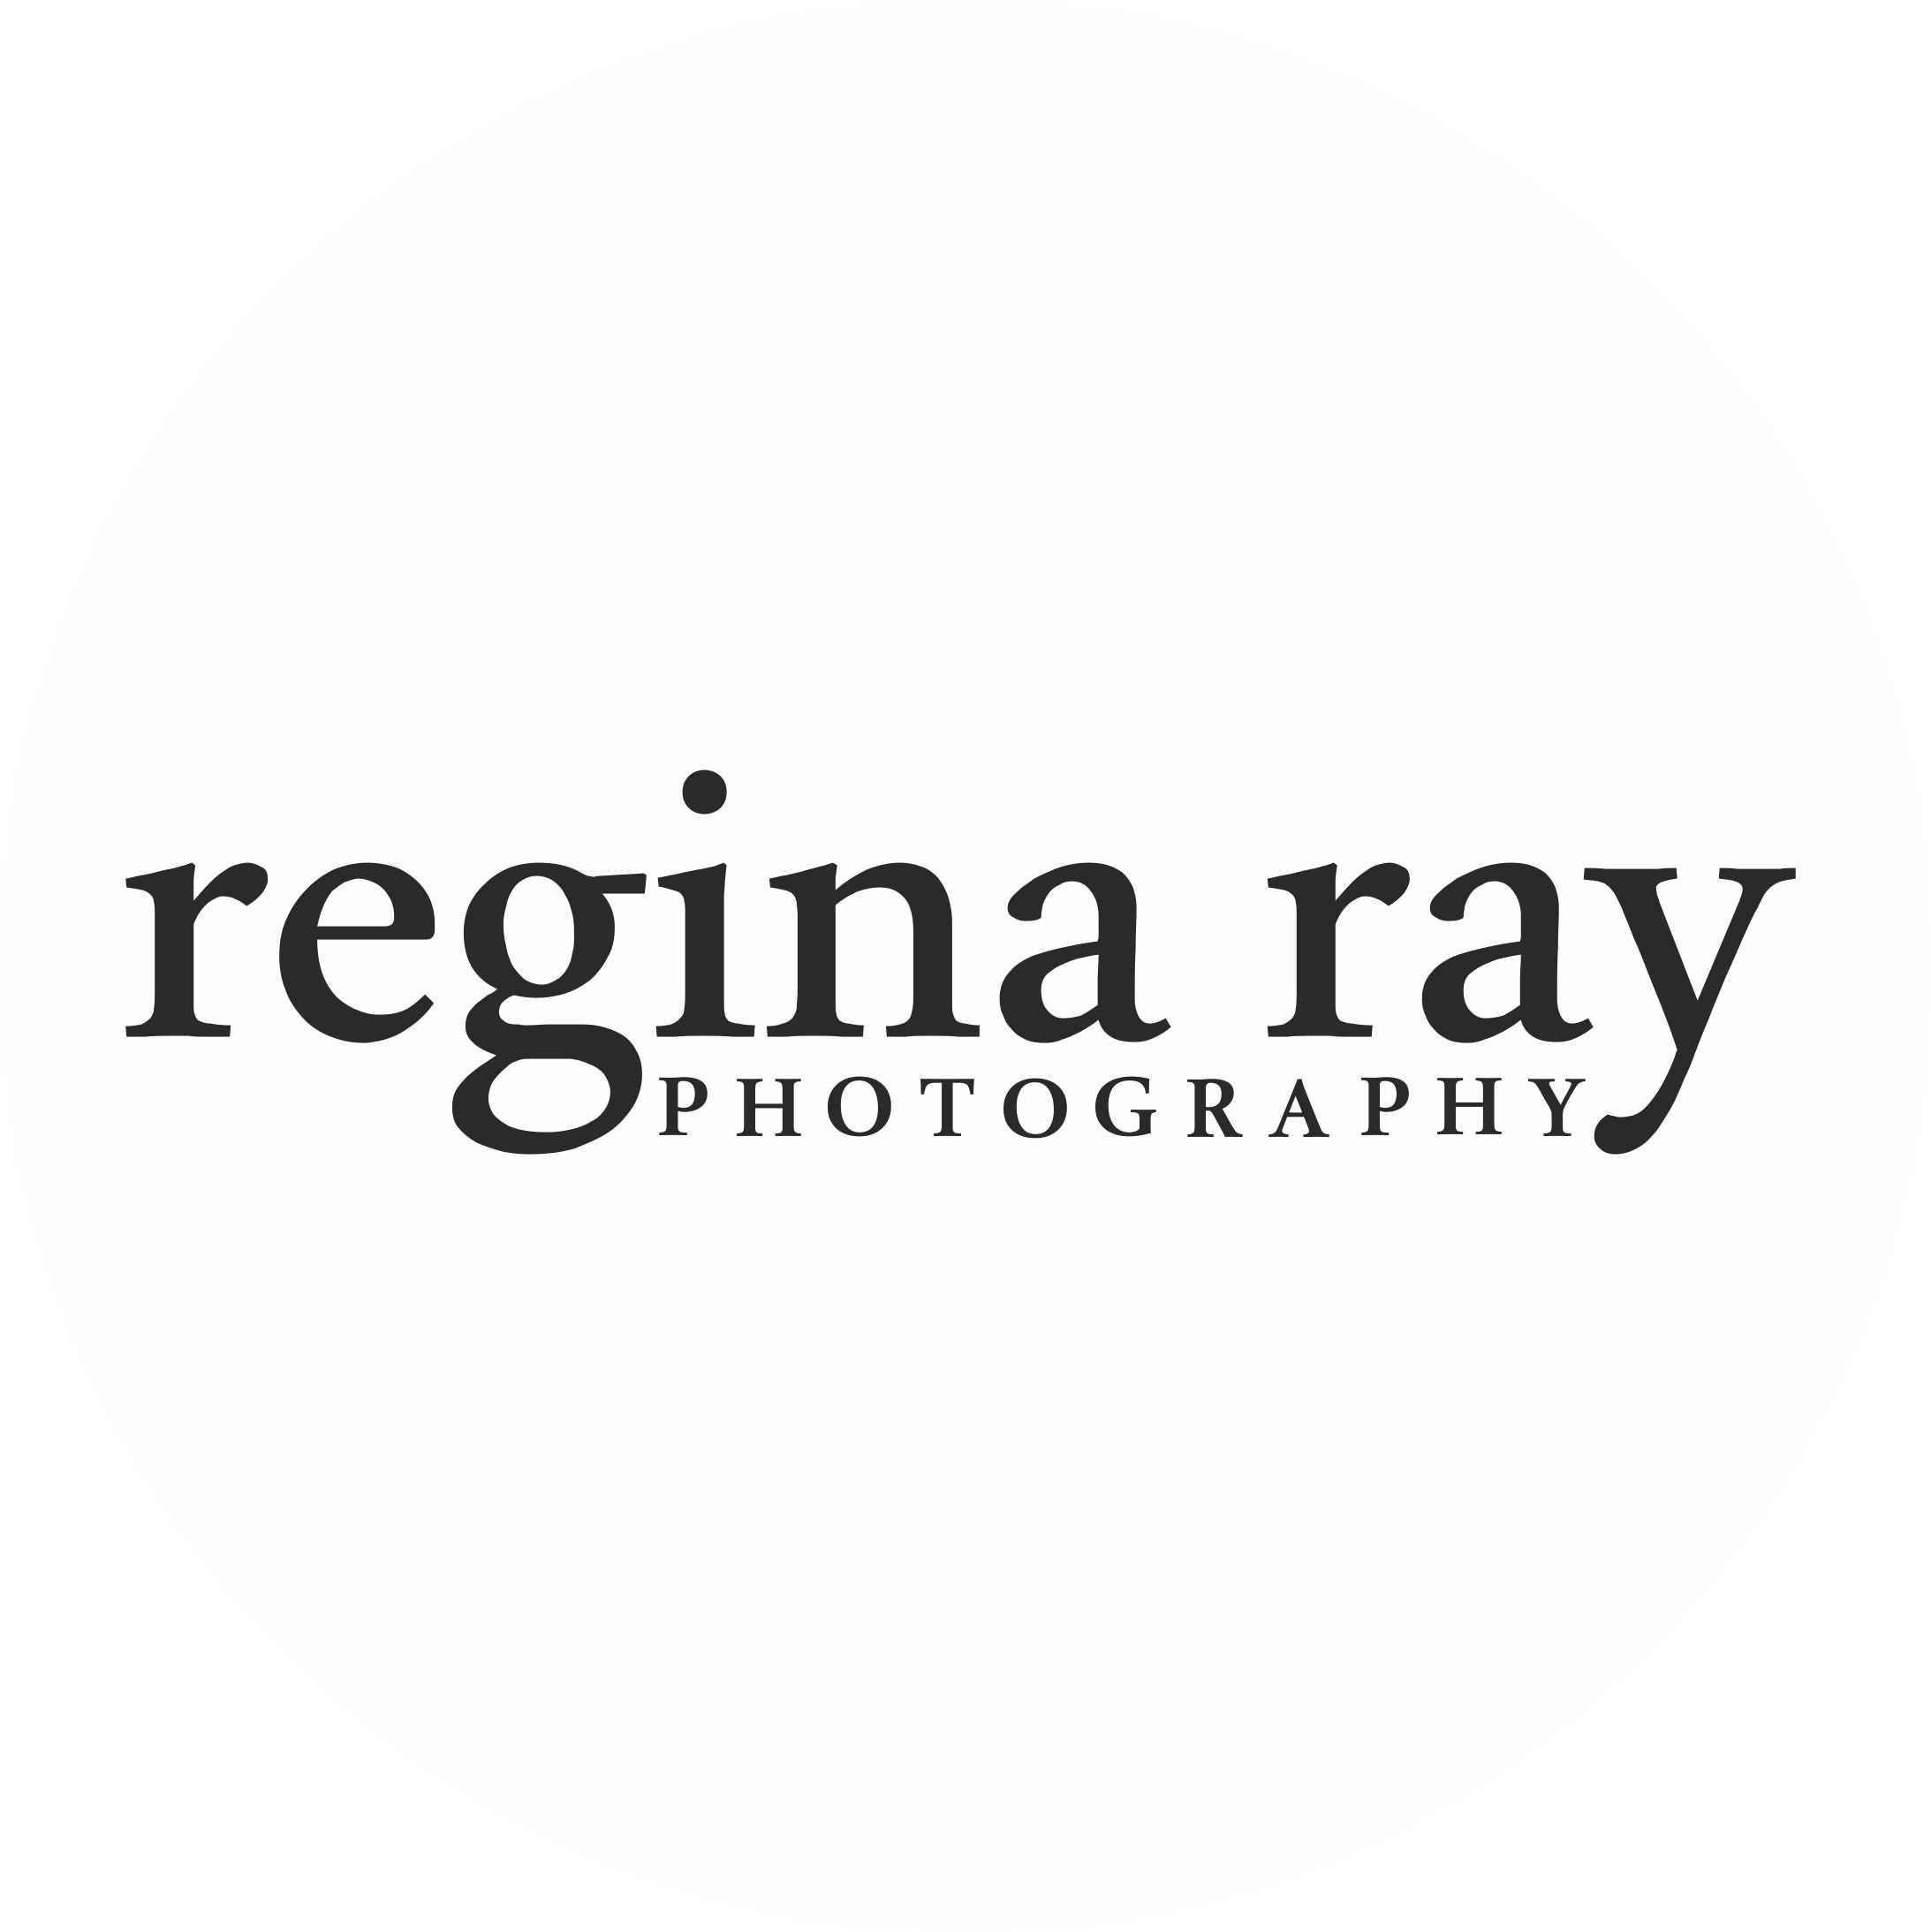 Regina Ray Photography- Regina Ray